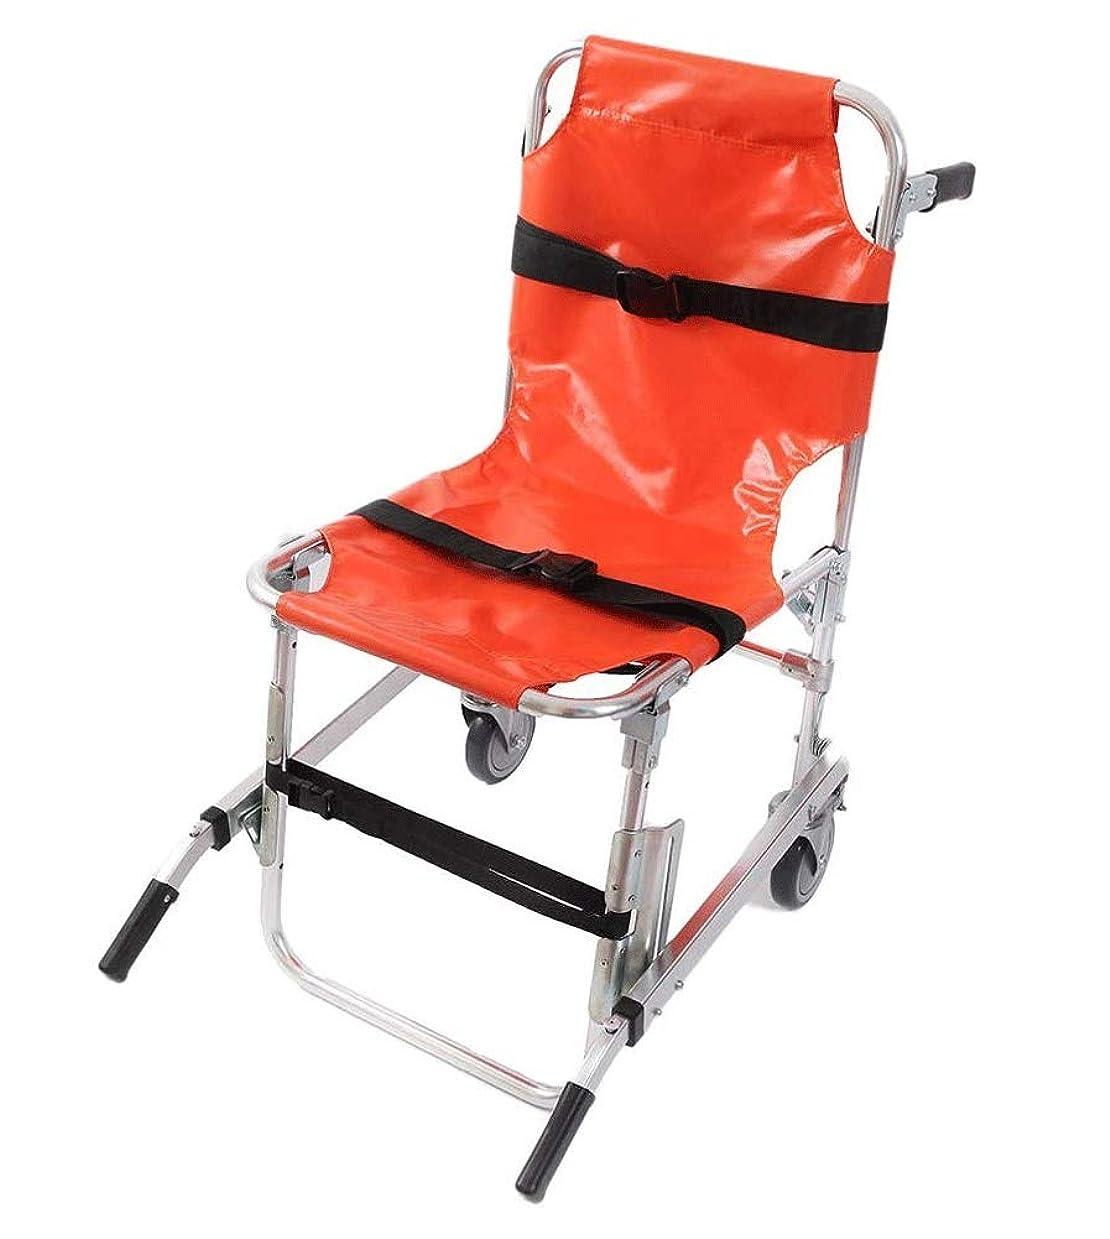 ゼロ間正規化患者拘束ストラップ付き車いすアルミ製軽量ホイール2折りたたみ医療交通椅子、350ポンドの容量をクライミングEMS階段椅子、階段